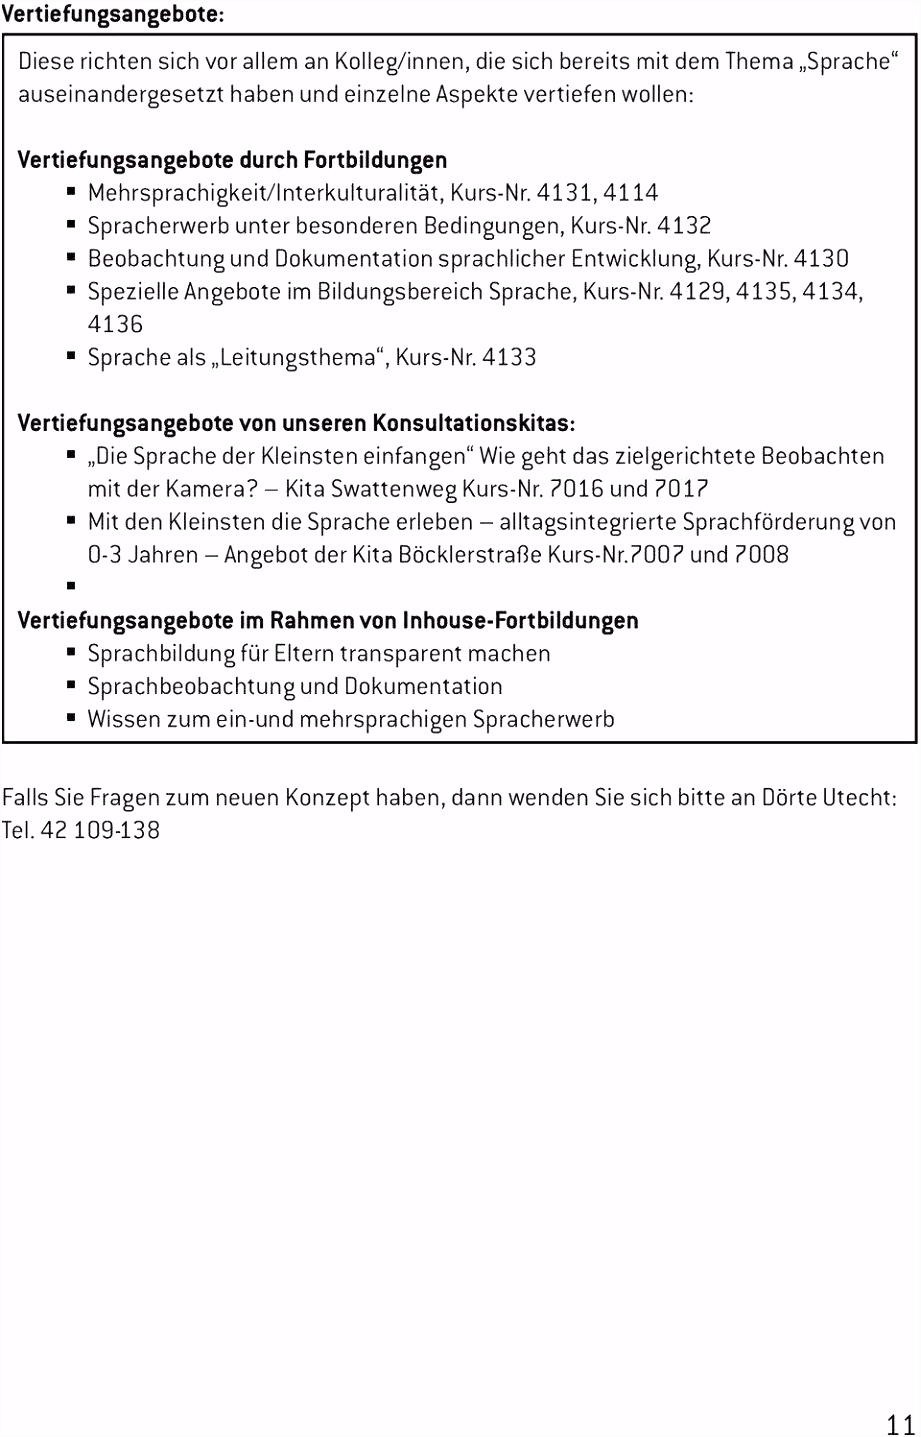 Beobachtungsbogen Krippe Vorlage 30 Schön Beobachtungsbogen Kindergarten Muster Das Beste Von H4hk27f5v6 W0tv5susu5